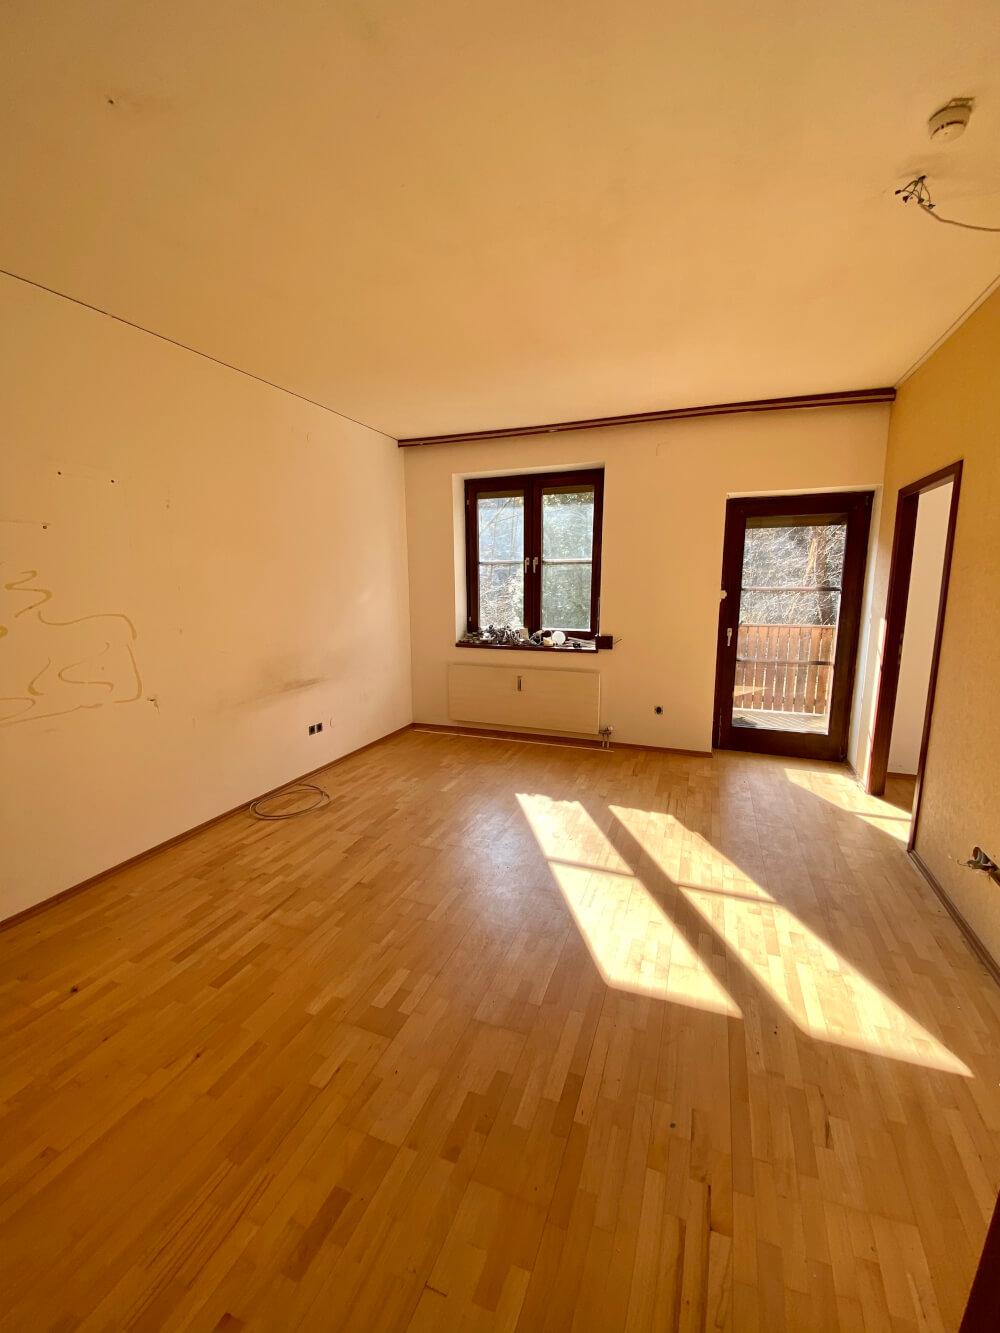 Immobilie von BWSG in Rein 2c/003, 8103 Rein #3